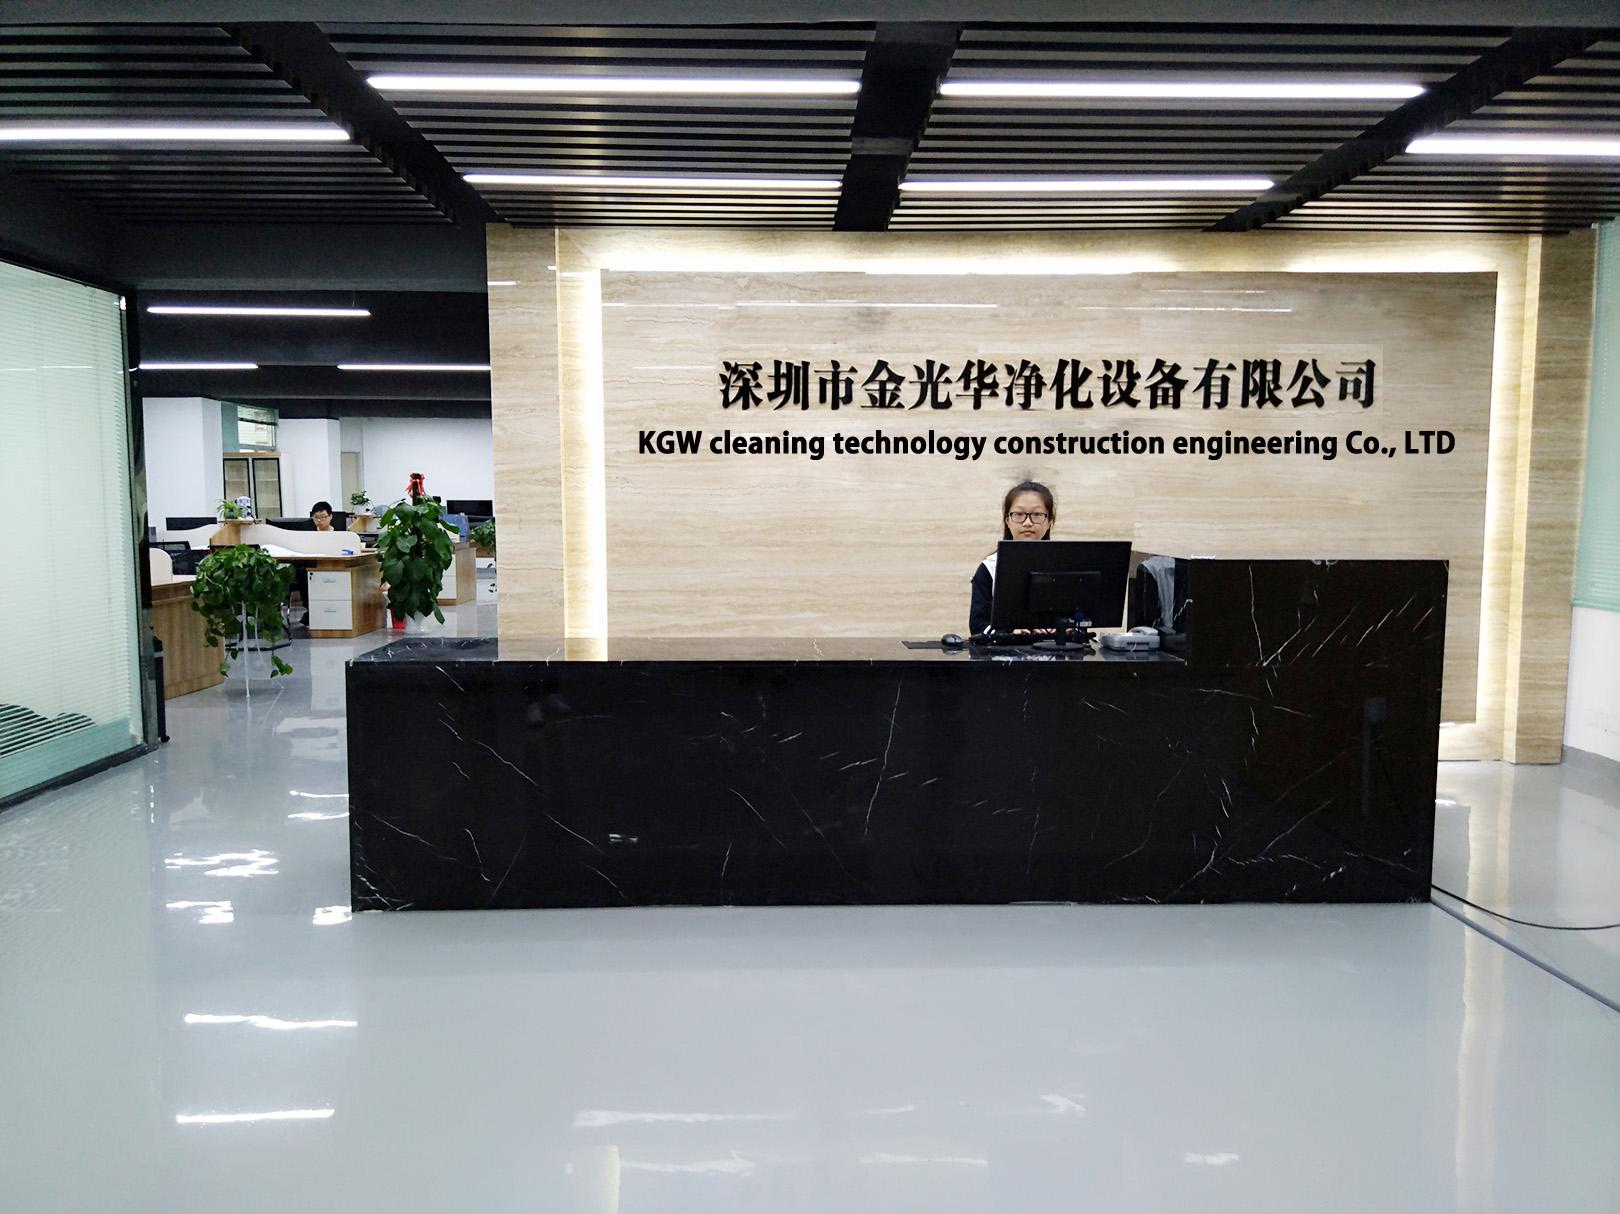 必威betway|亚洲官网公司